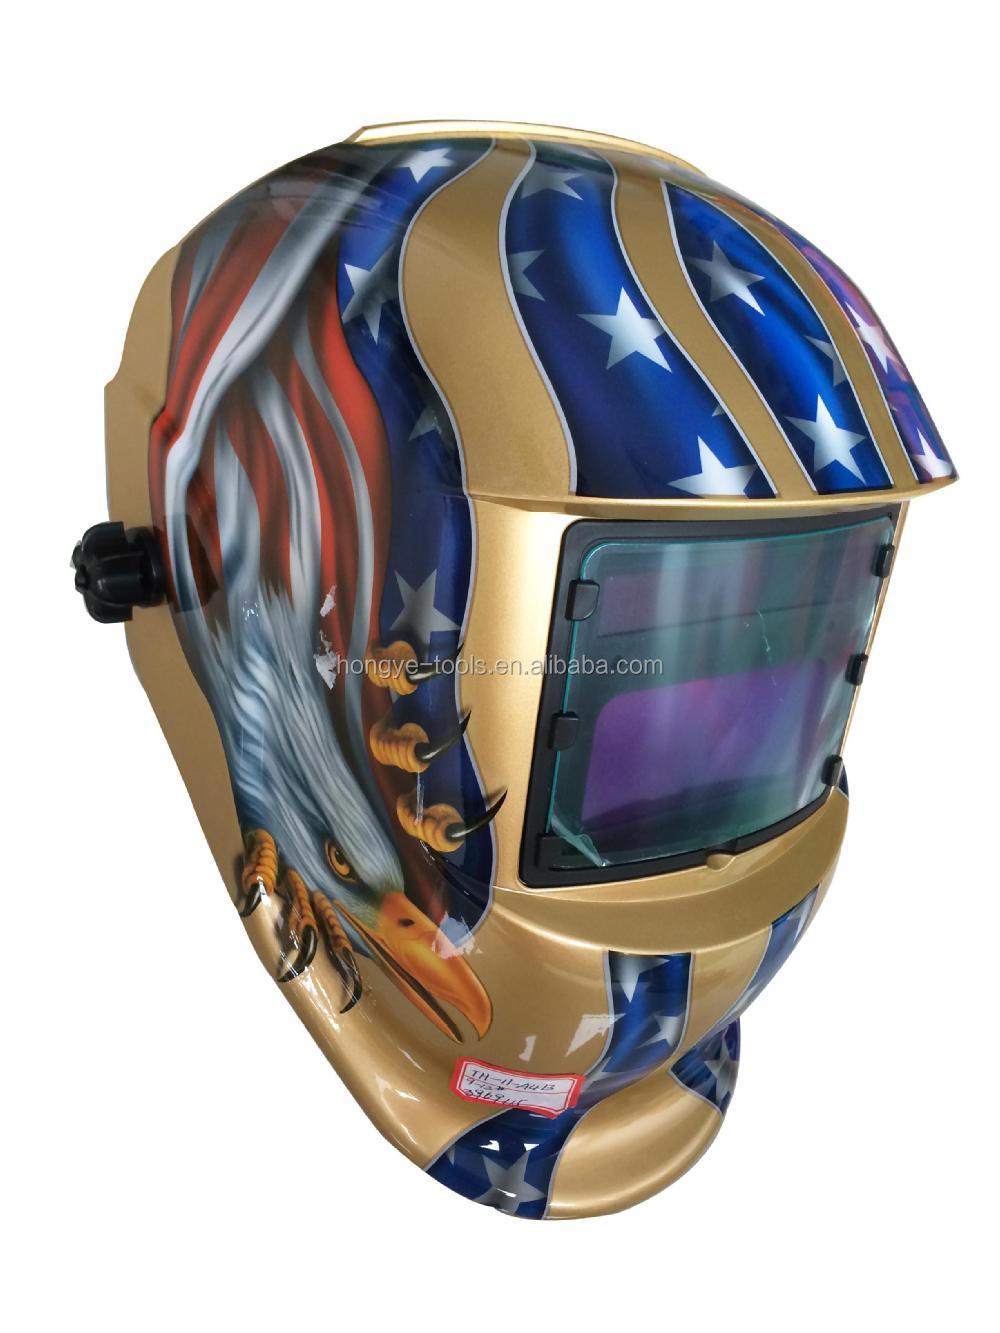 New Design Auto Darkening Welding Helmet Welding Mask